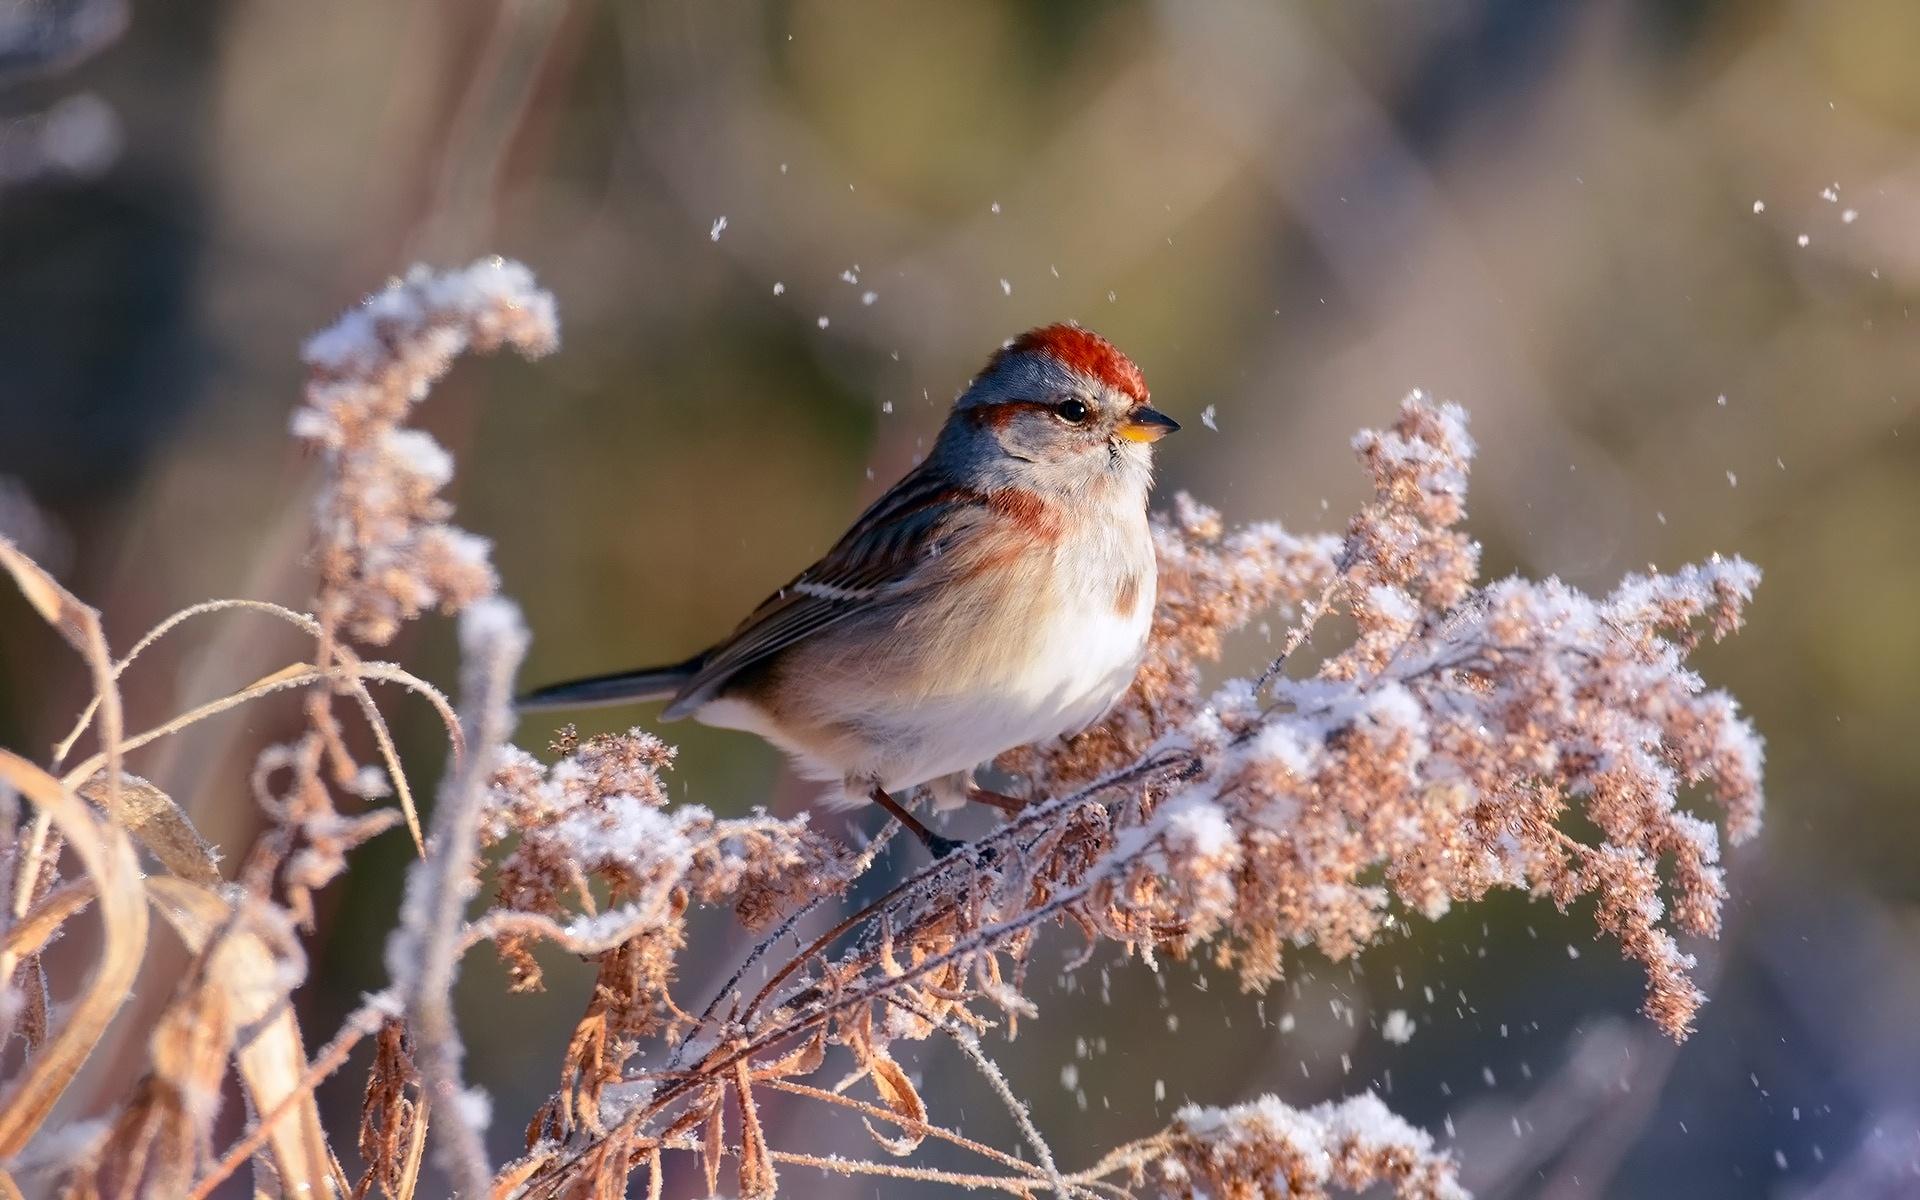 птица заморозок картинки видео